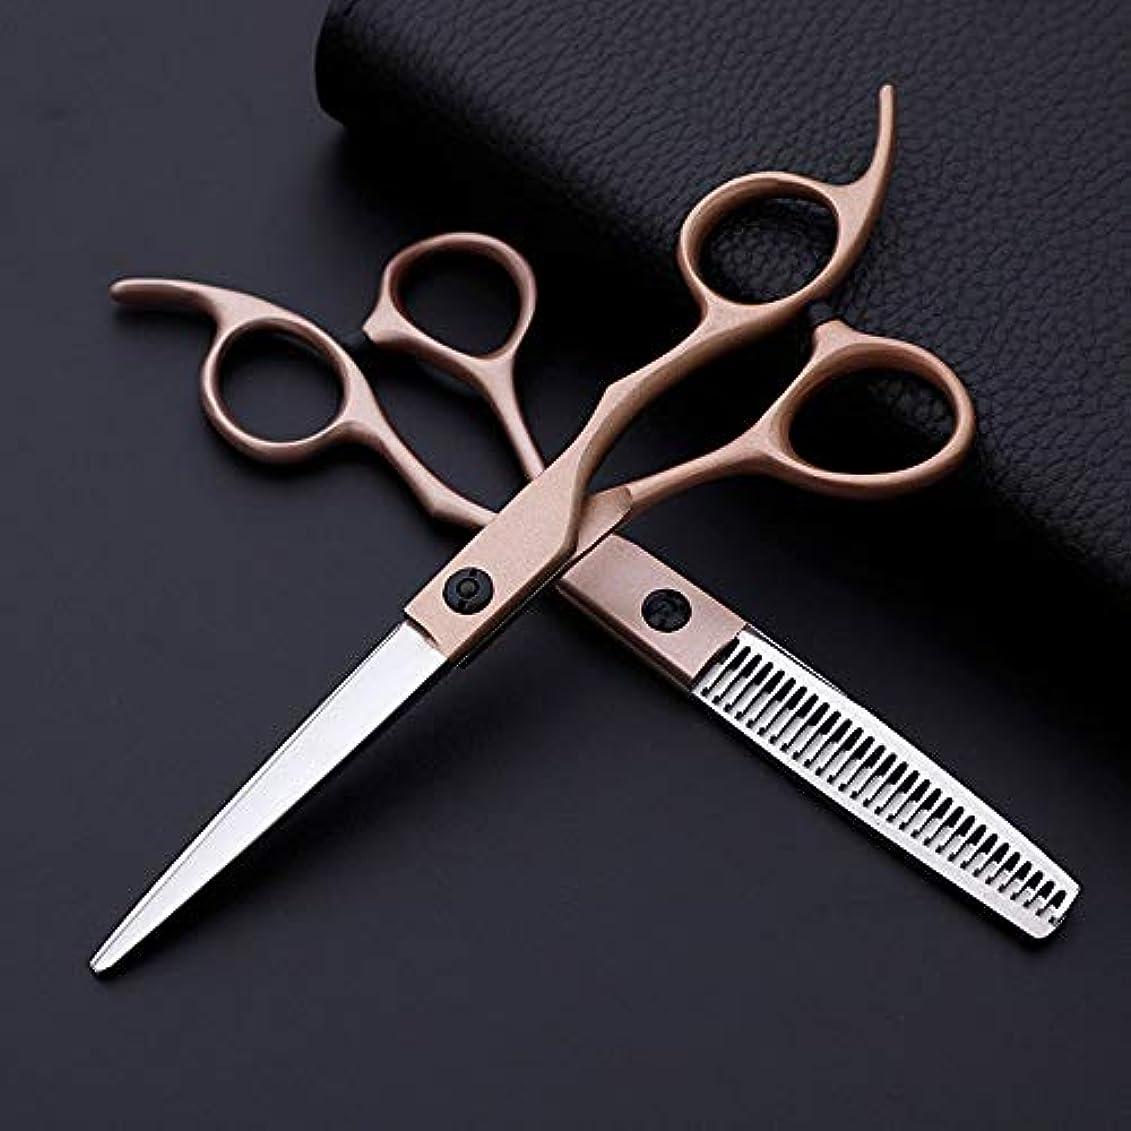 WASAIO 髪のスリップのはさみプロフェッショナルステンレス理容はさみセット美容理髪クラシック斜めハンドルのレベル+歯6インチ (色 : Rose gold)